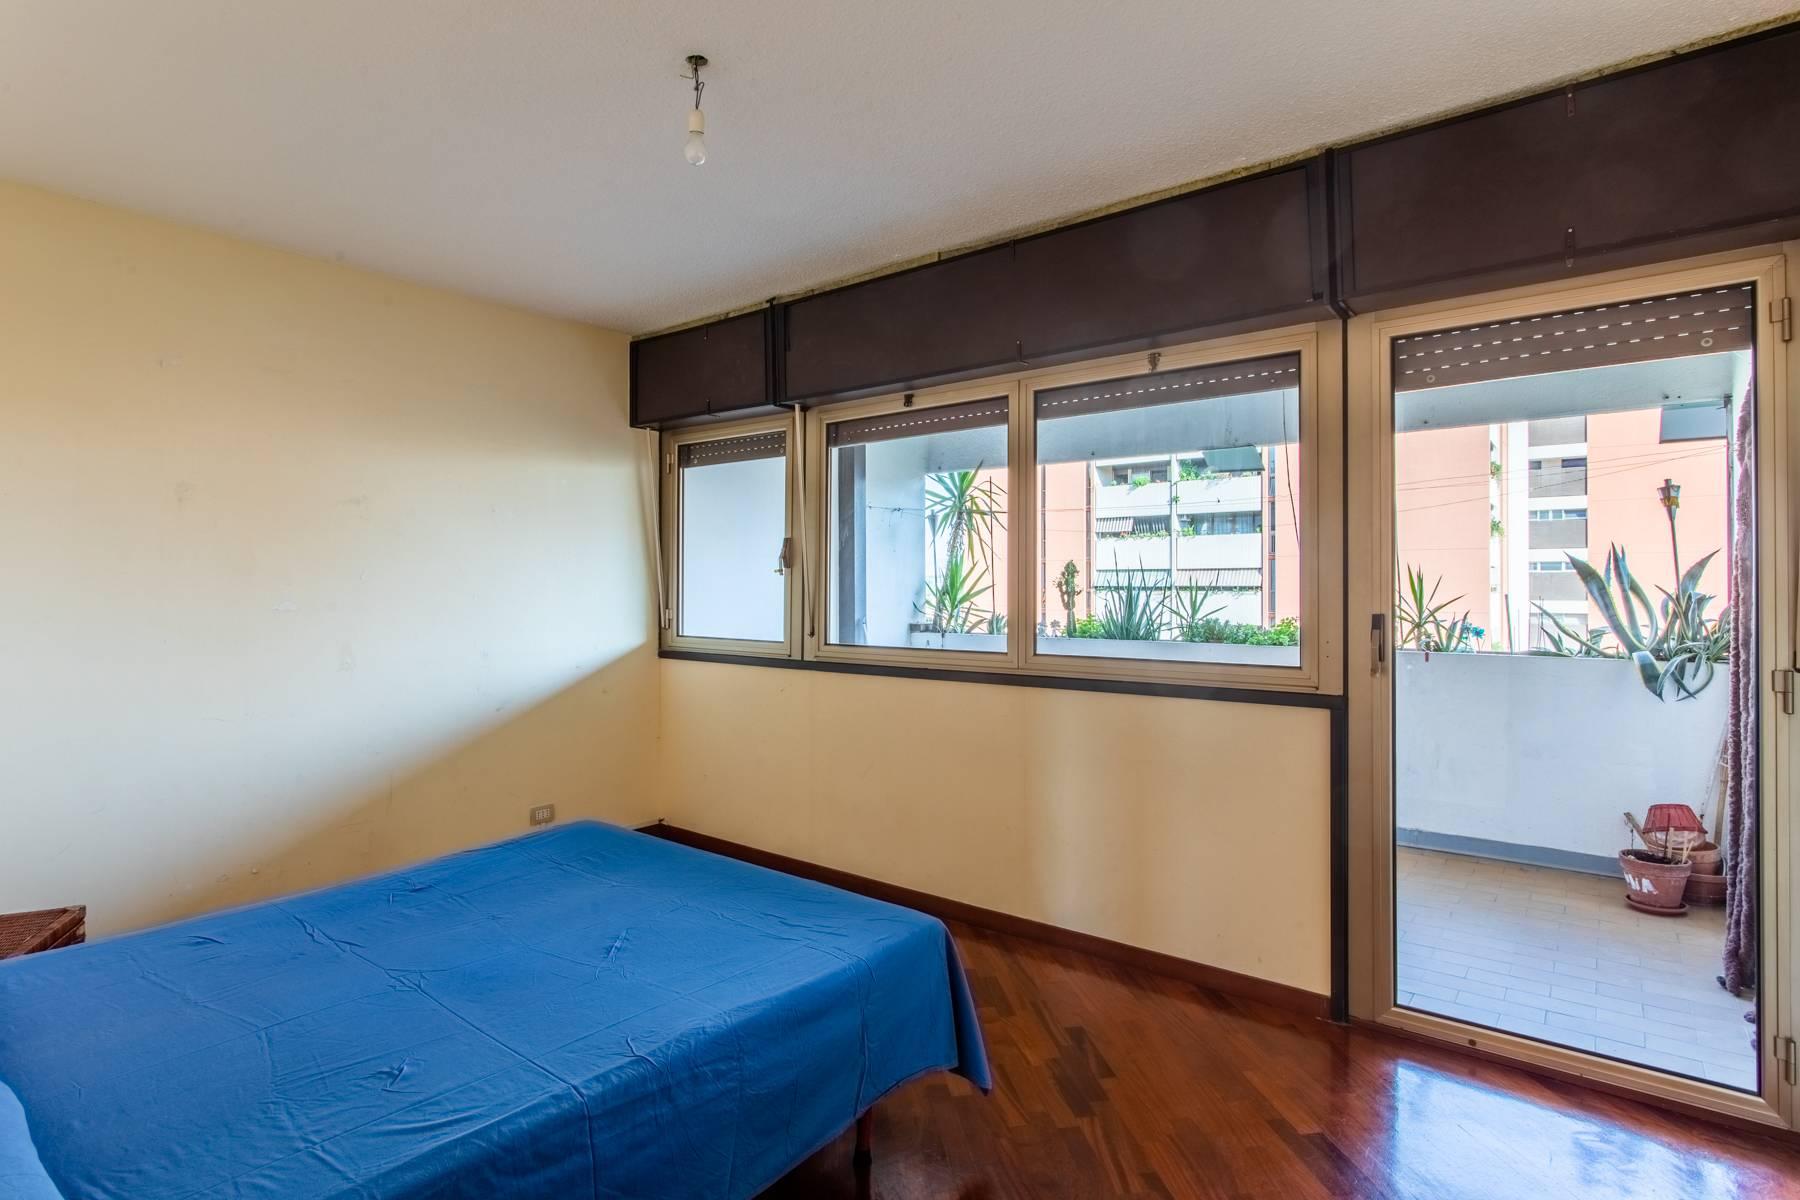 Appartamento in Vendita a Roma: 4 locali, 131 mq - Foto 16